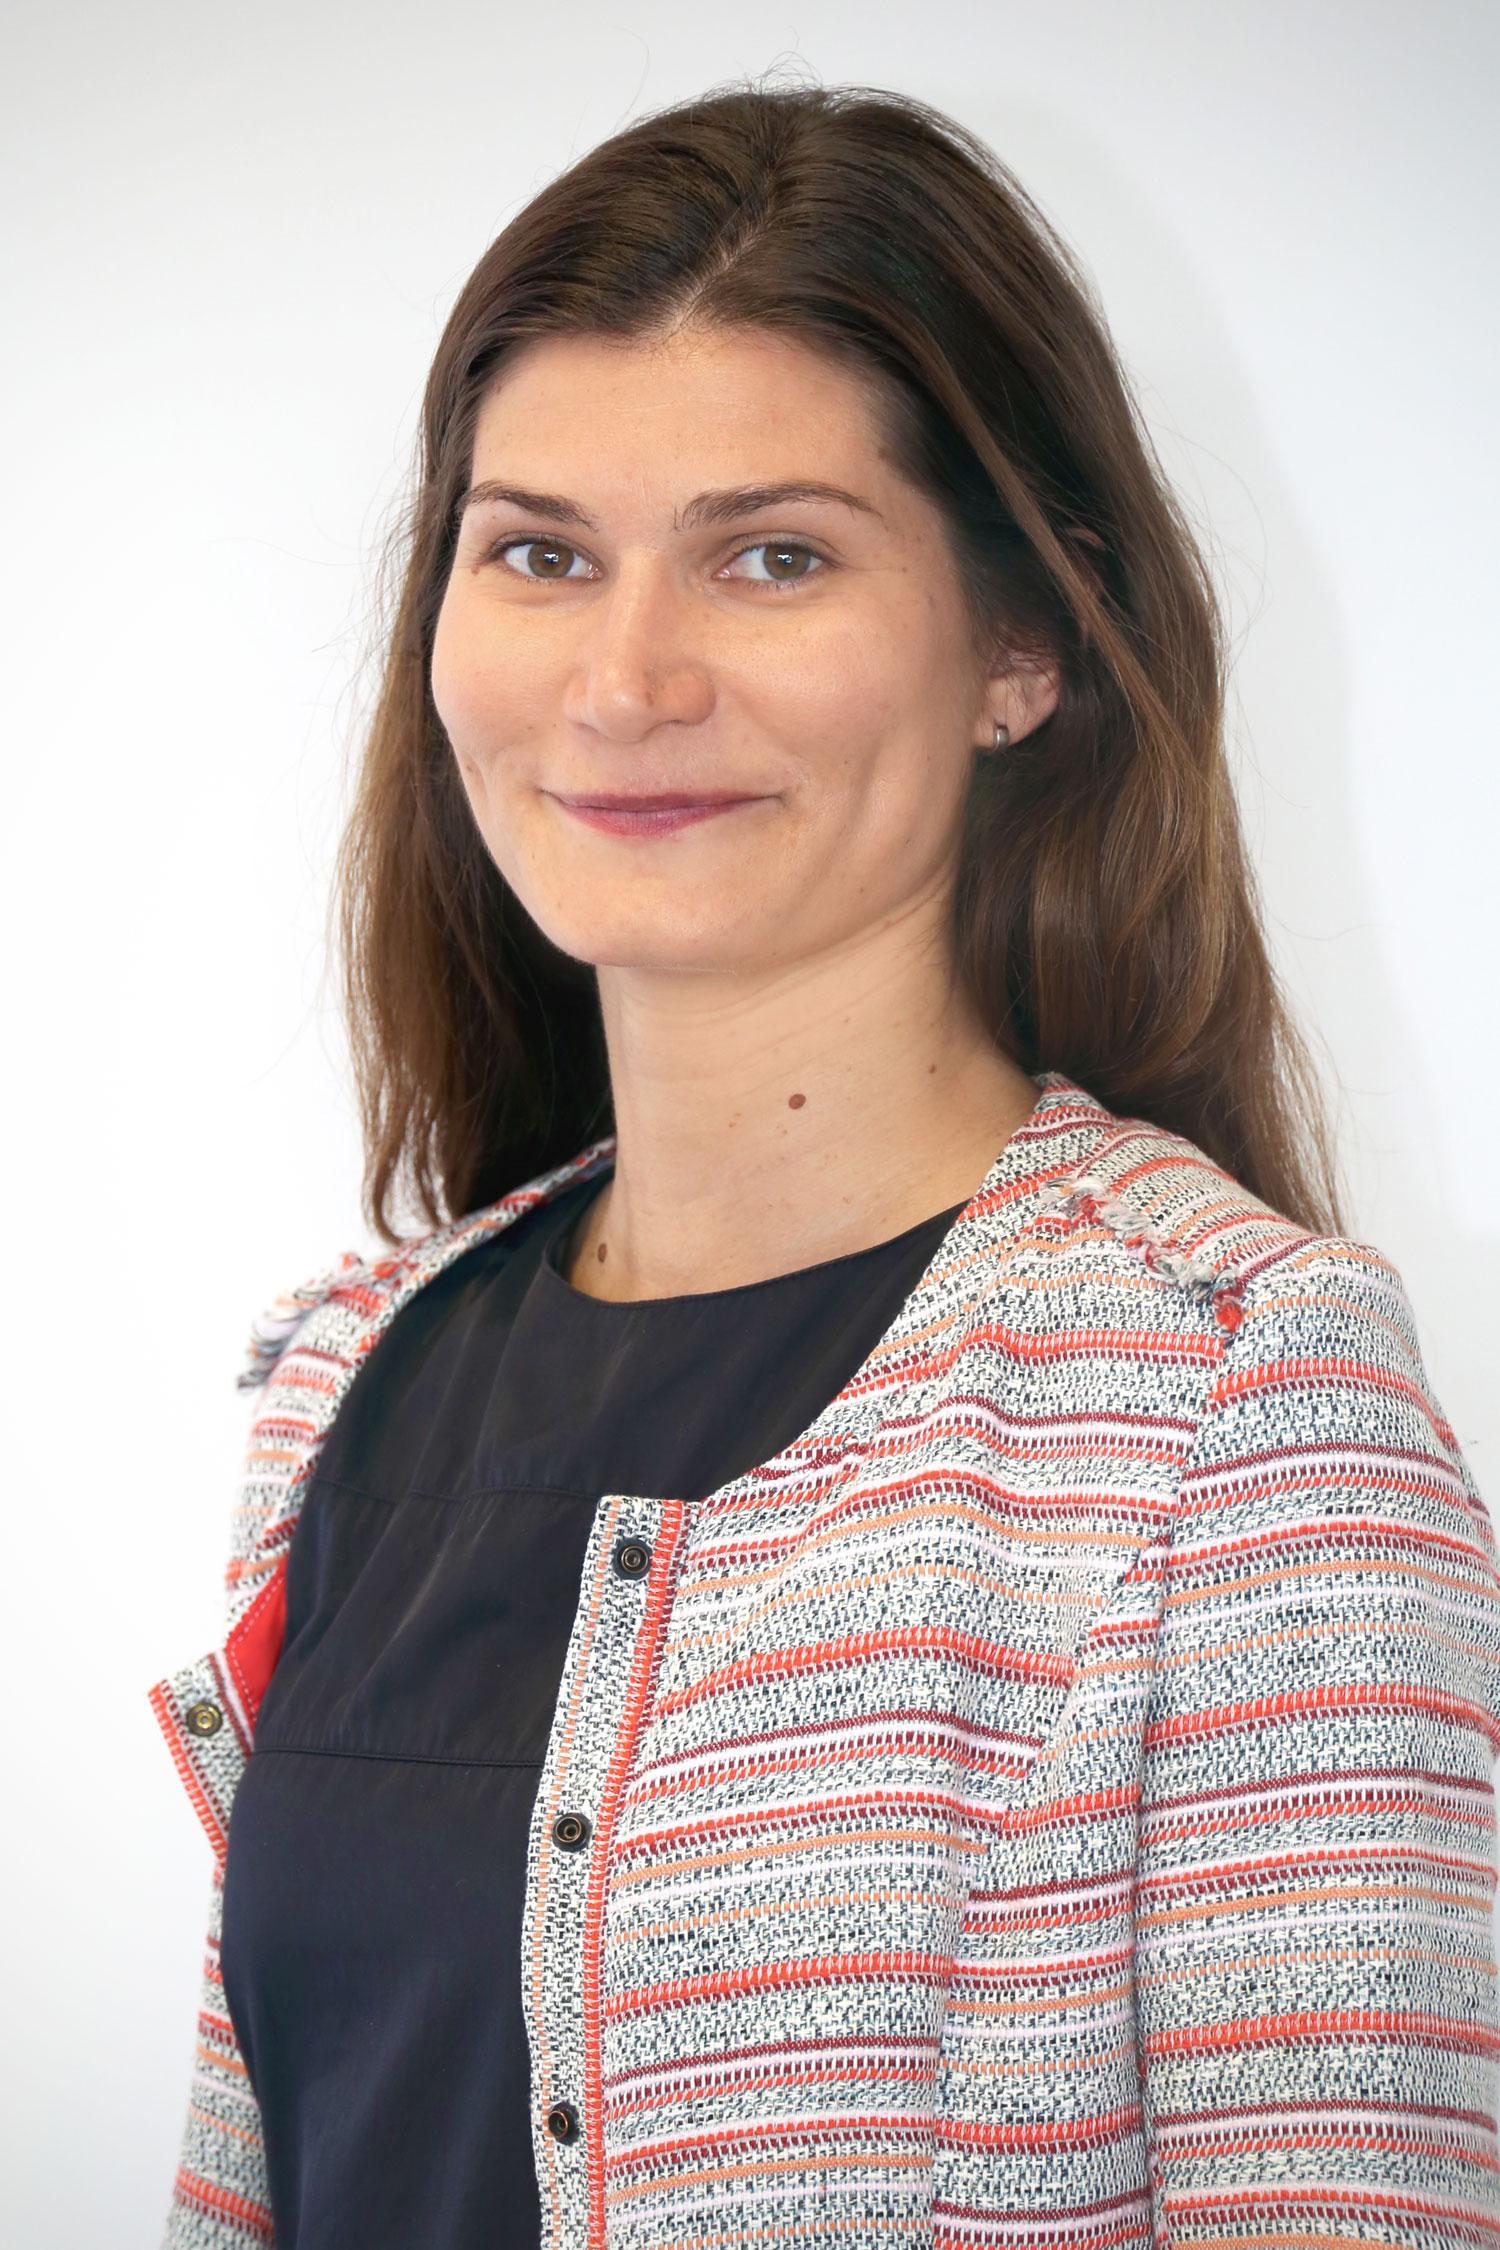 Sarah-Mussol Marketing Vente - Montpellier Management - Enseignant chercheur